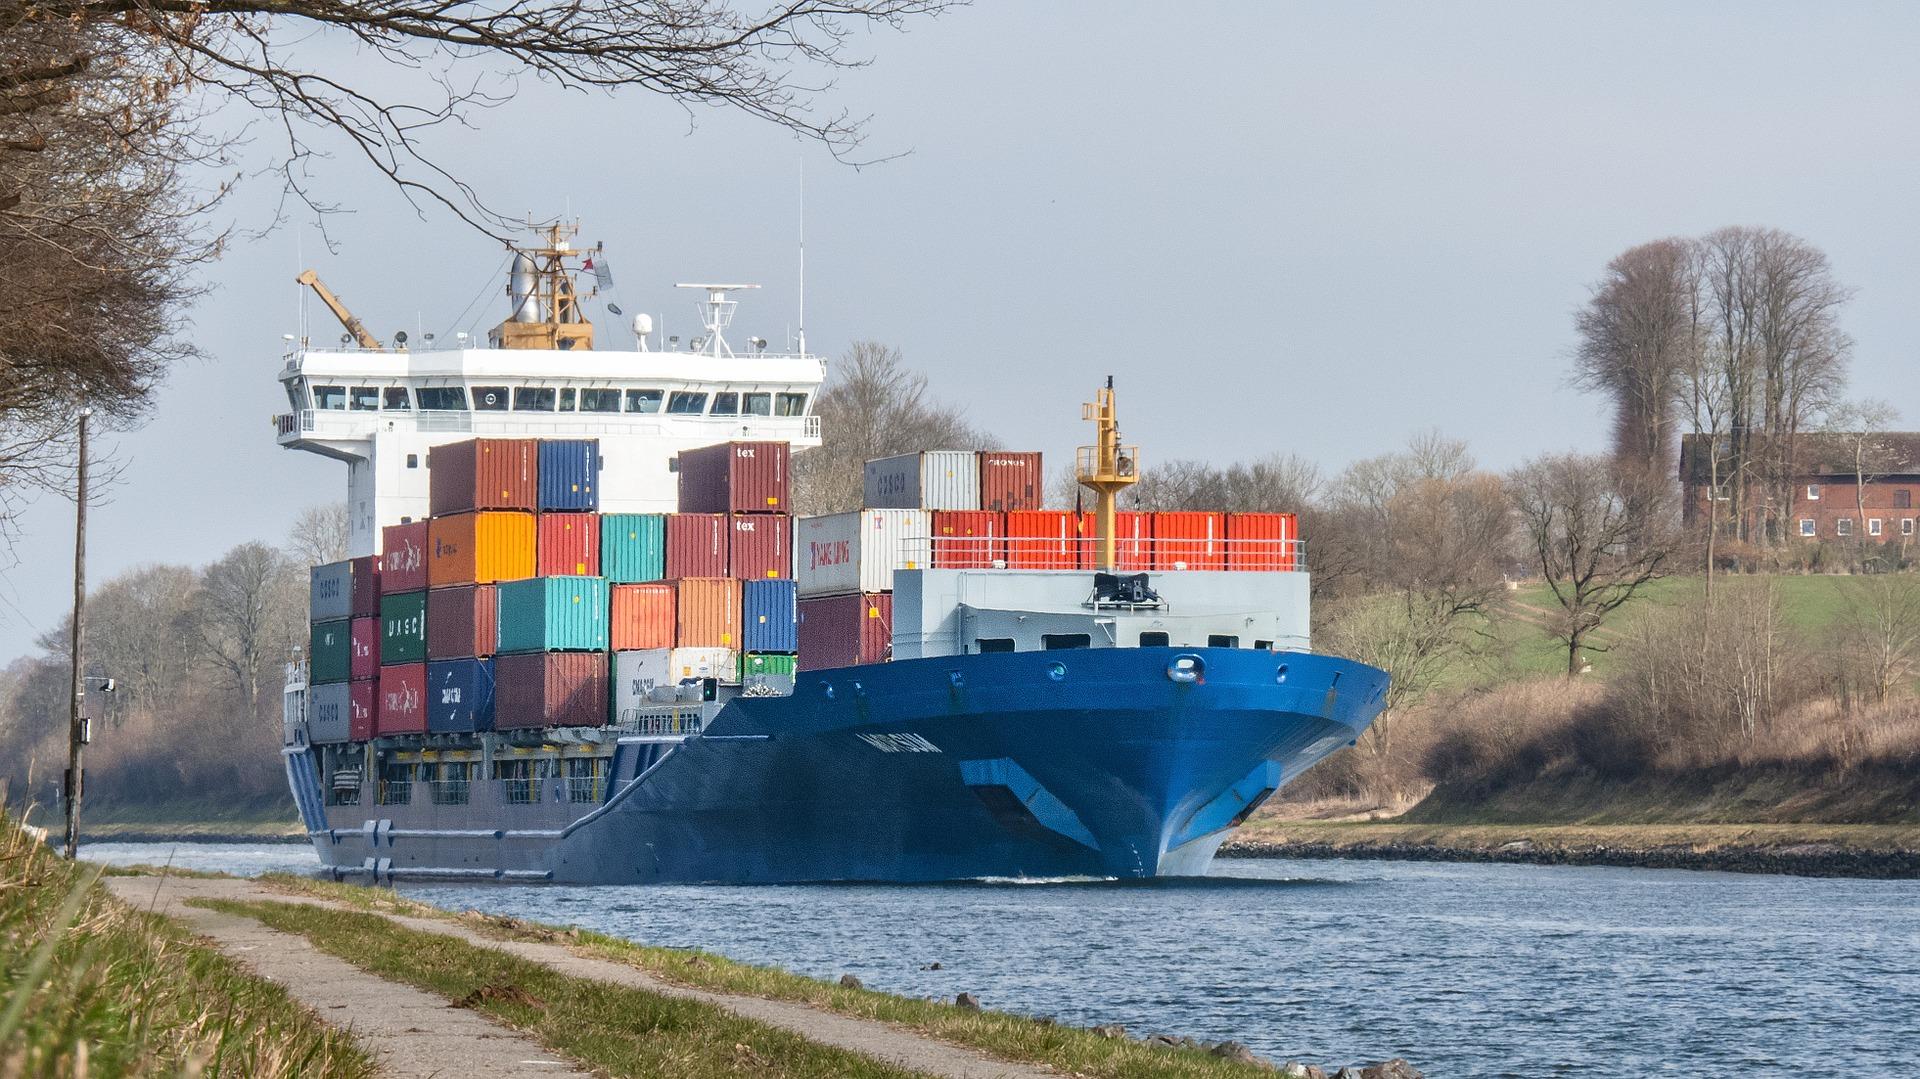 Allseeds експортувала контейнерами понад 60 тис. тонншроту